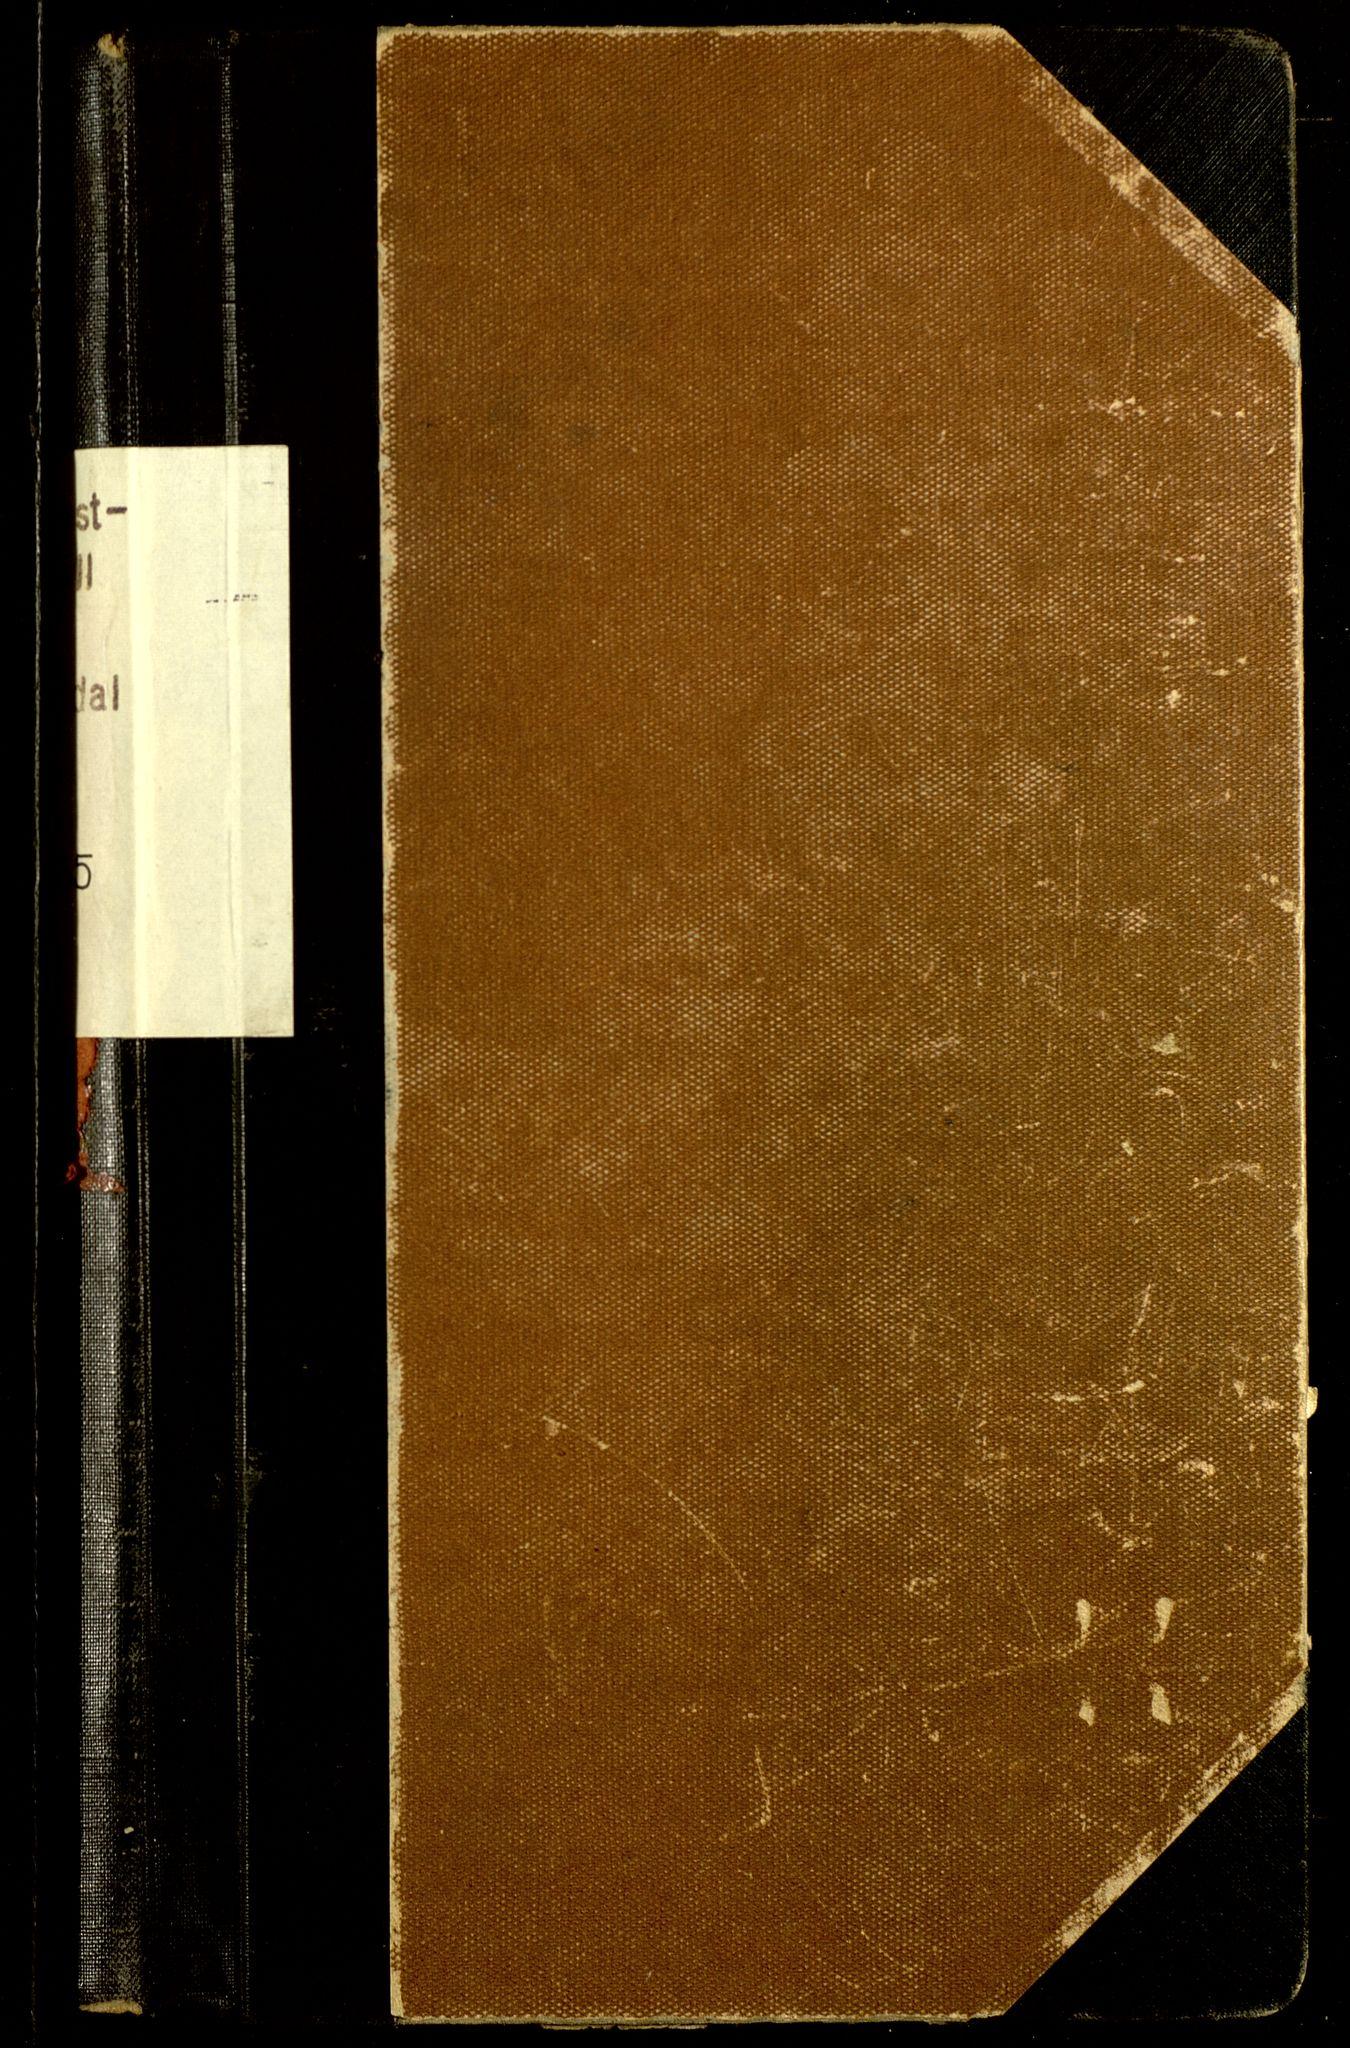 SAH, Norges Brannkasse, Sel og Heidal, F/L0006: Branntakstprotokoll, 1949-1955